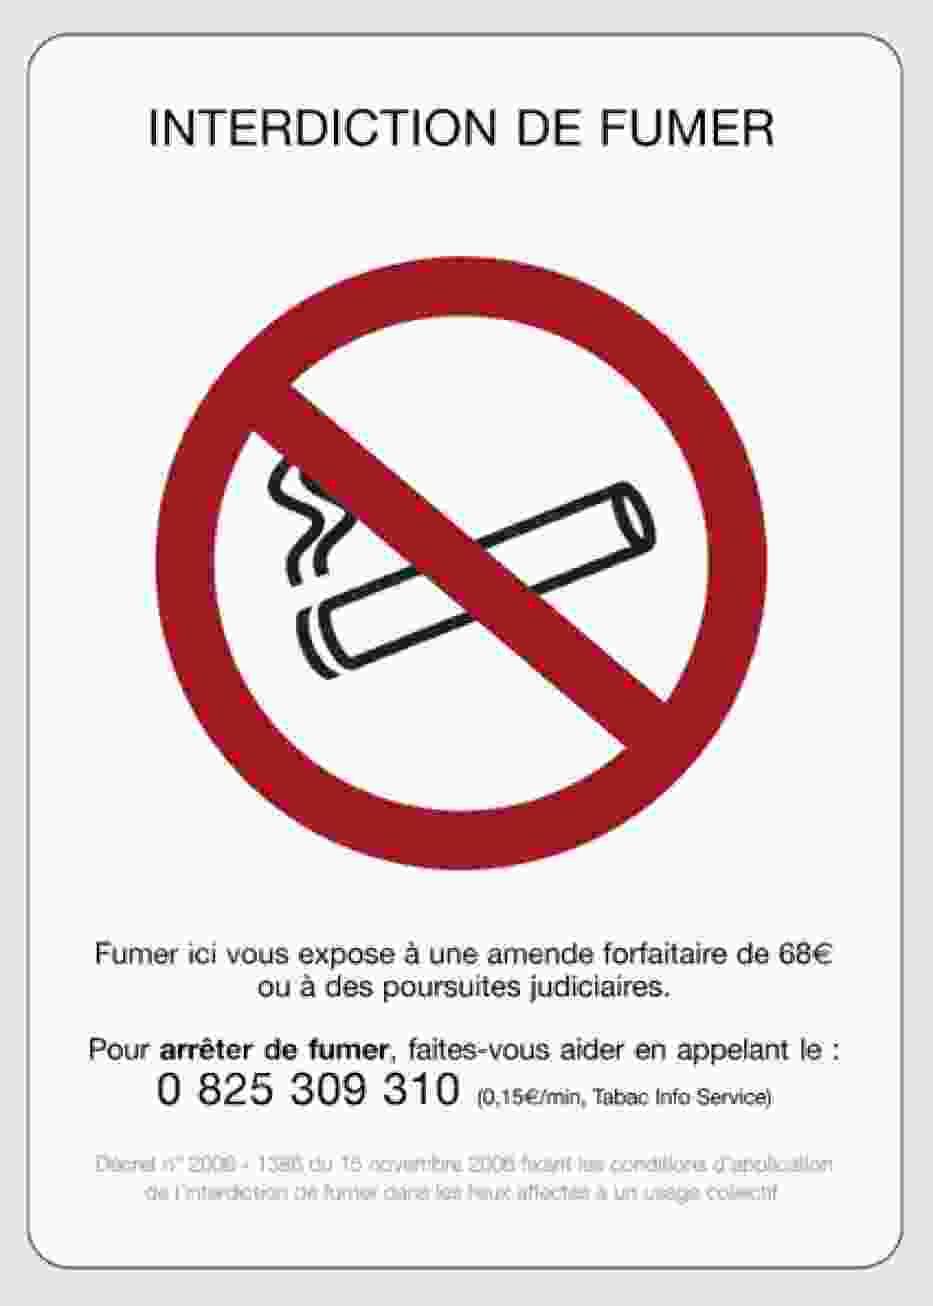 Ogólnodostępny plakat informujący o zakazie palenia w miejscach publicznych